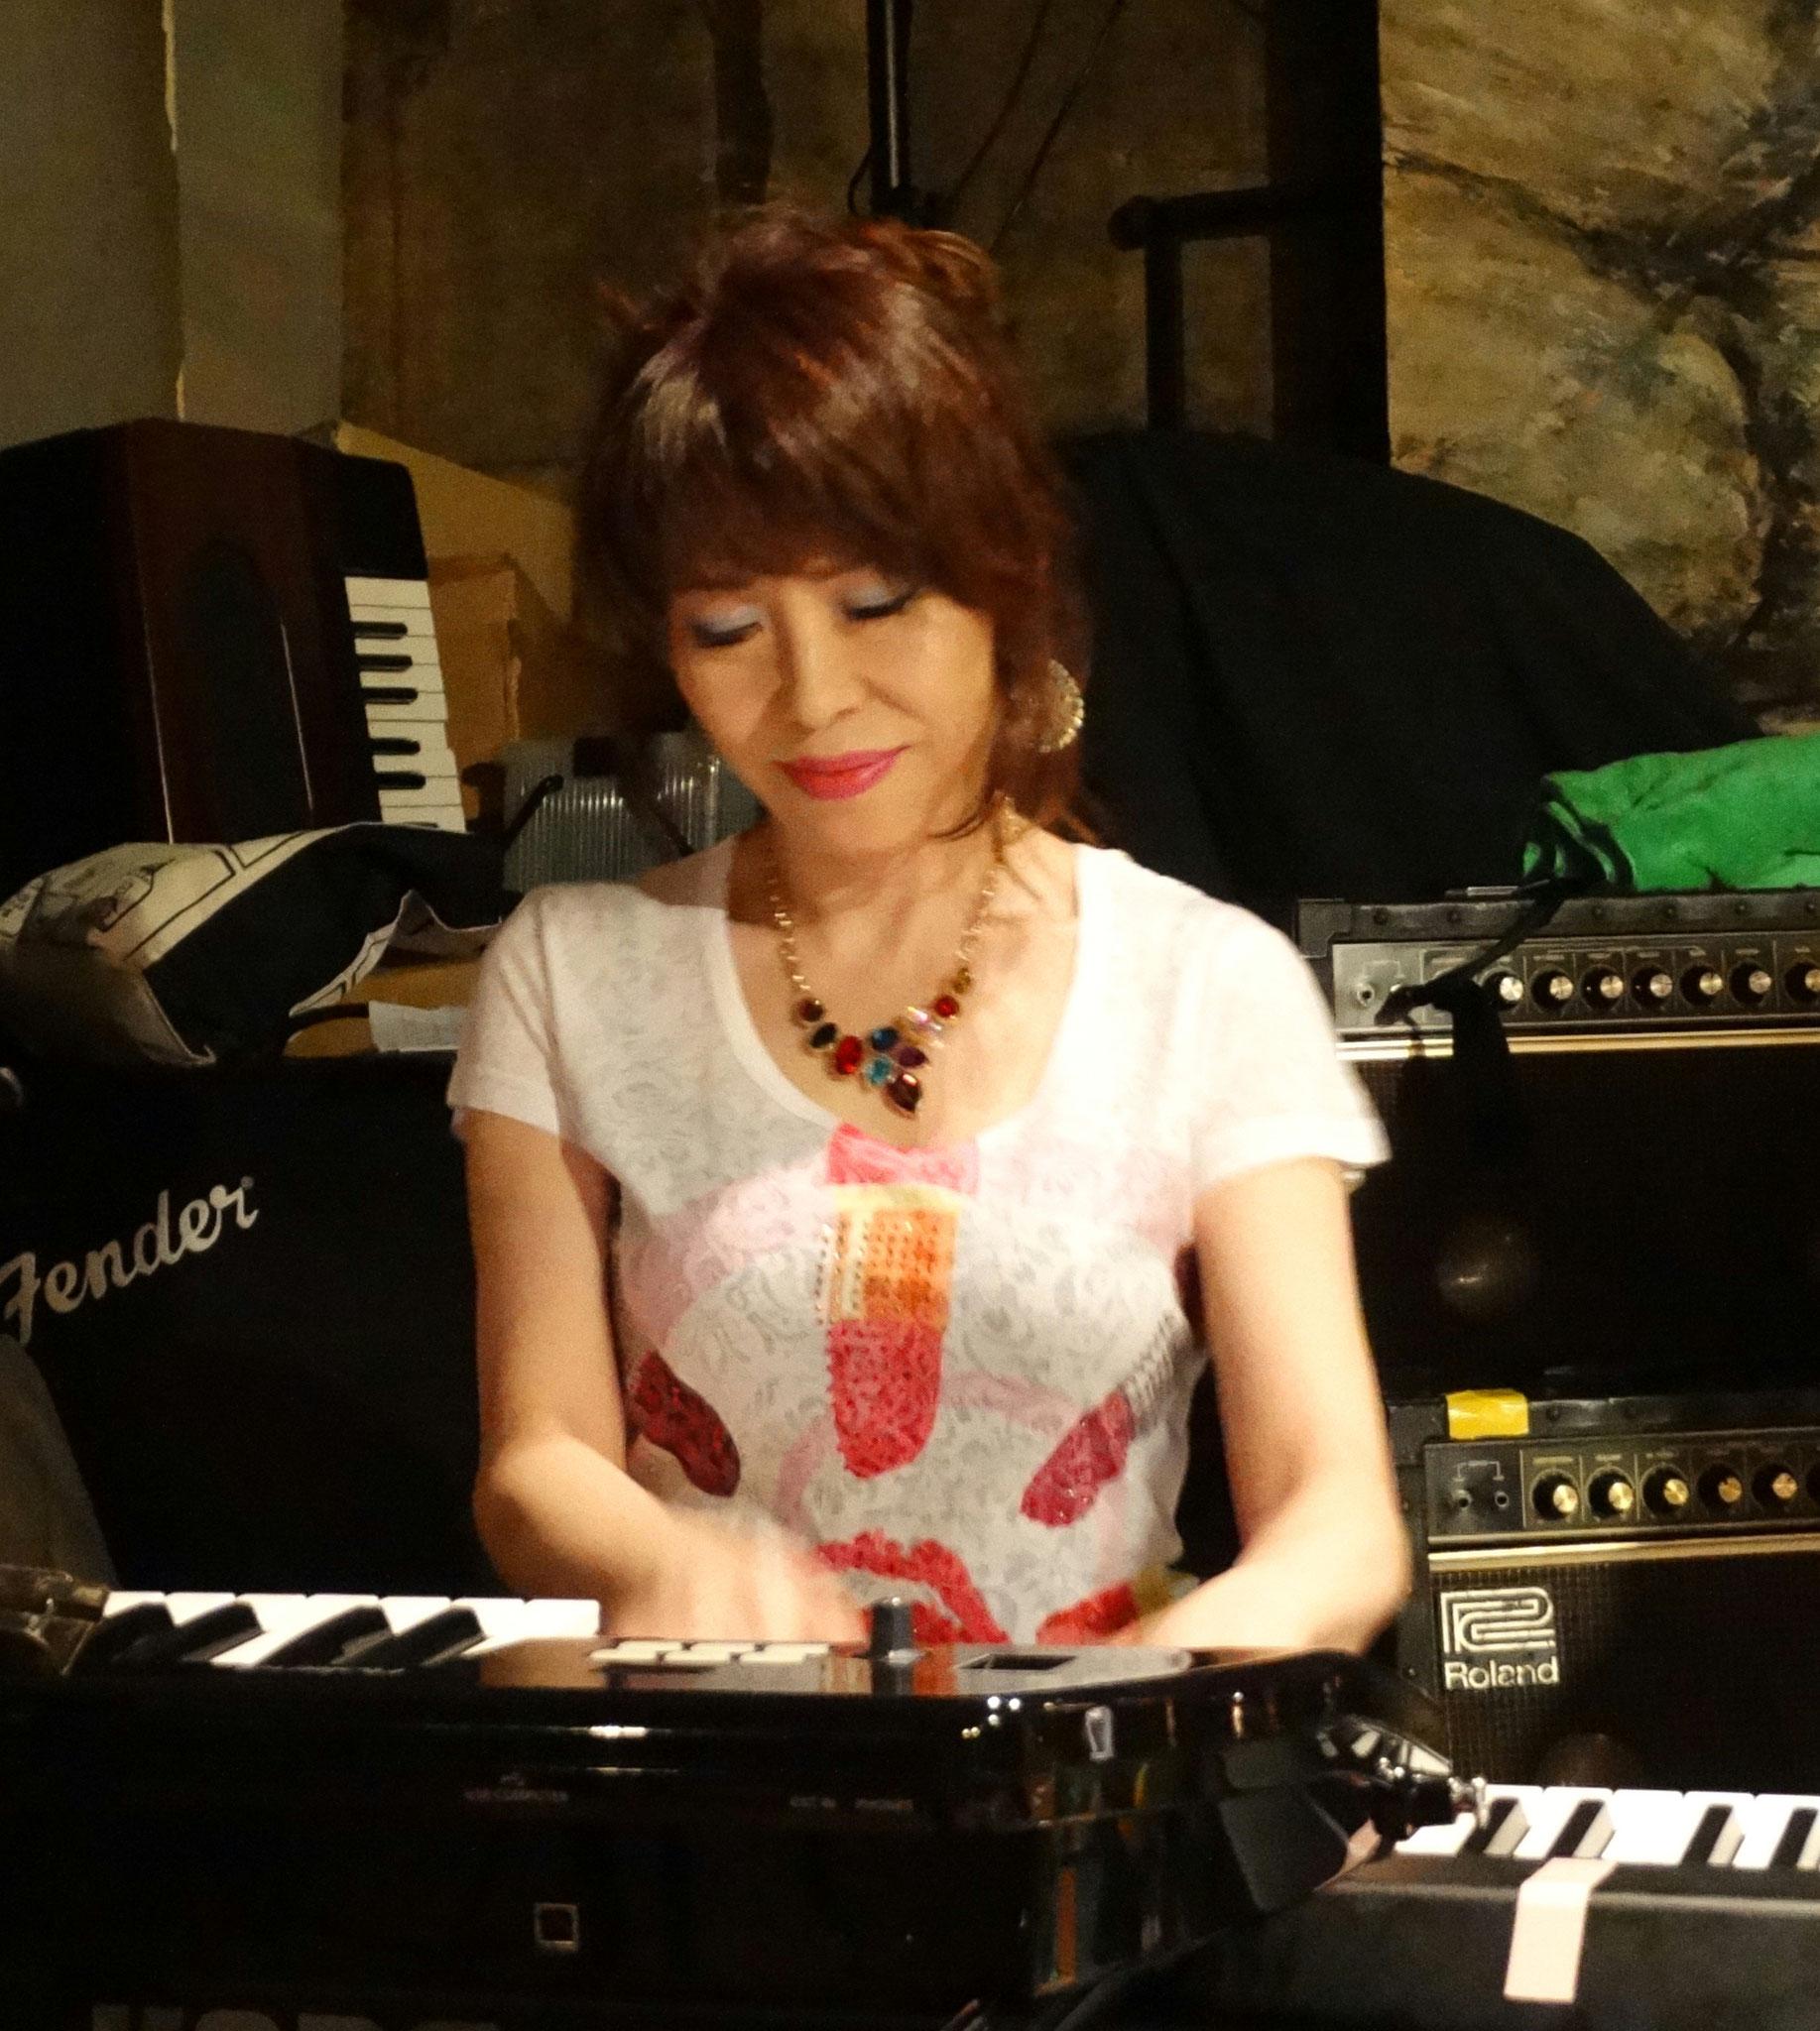 ∞ 第219回隣々会 WELCOME 2019 PARTY☆御出演 RIKAさん ♪